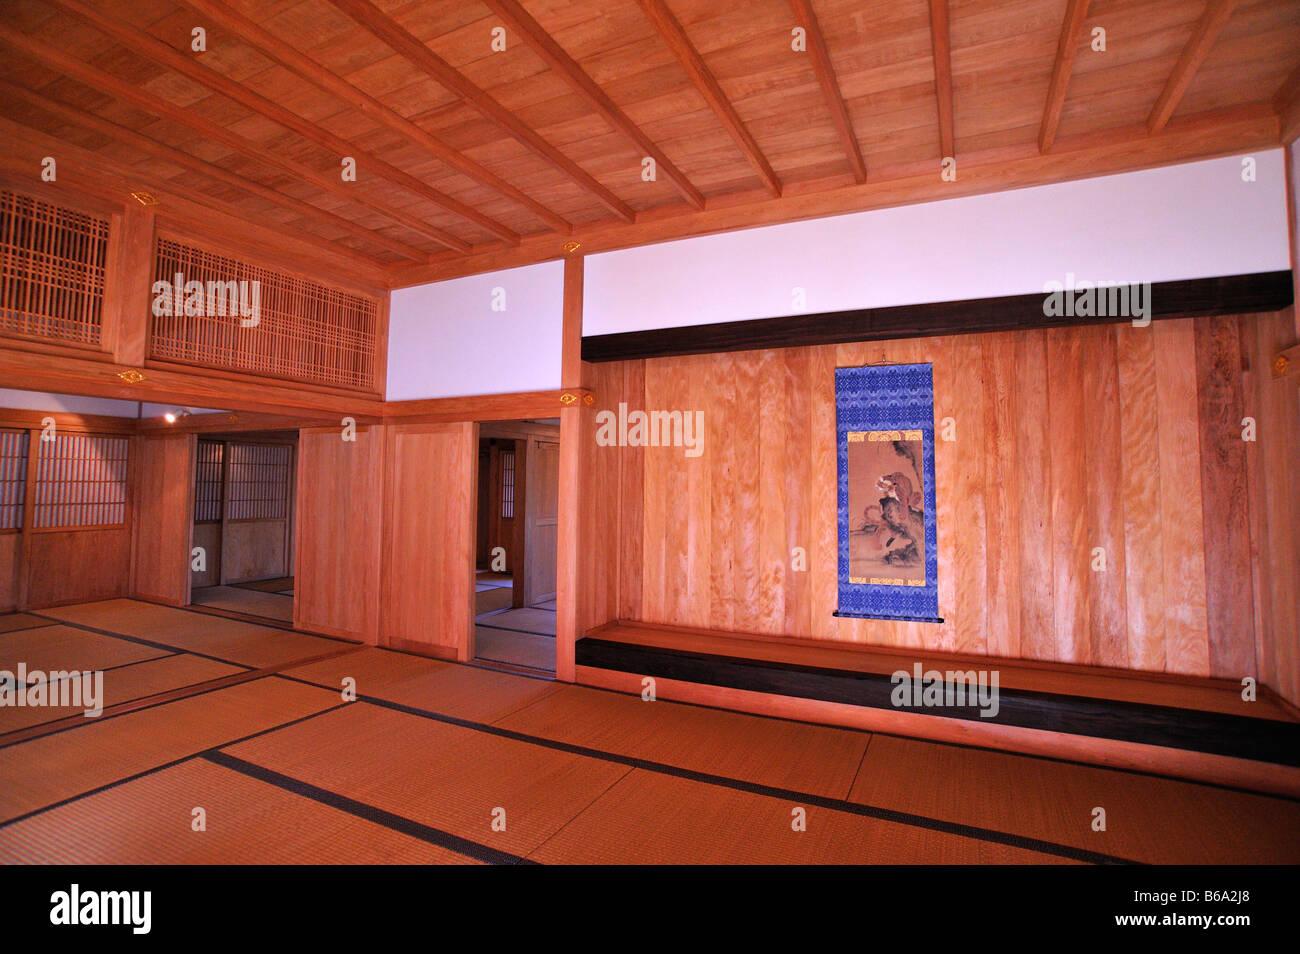 shuri castle shuri naha okinawa japan - Stock Image